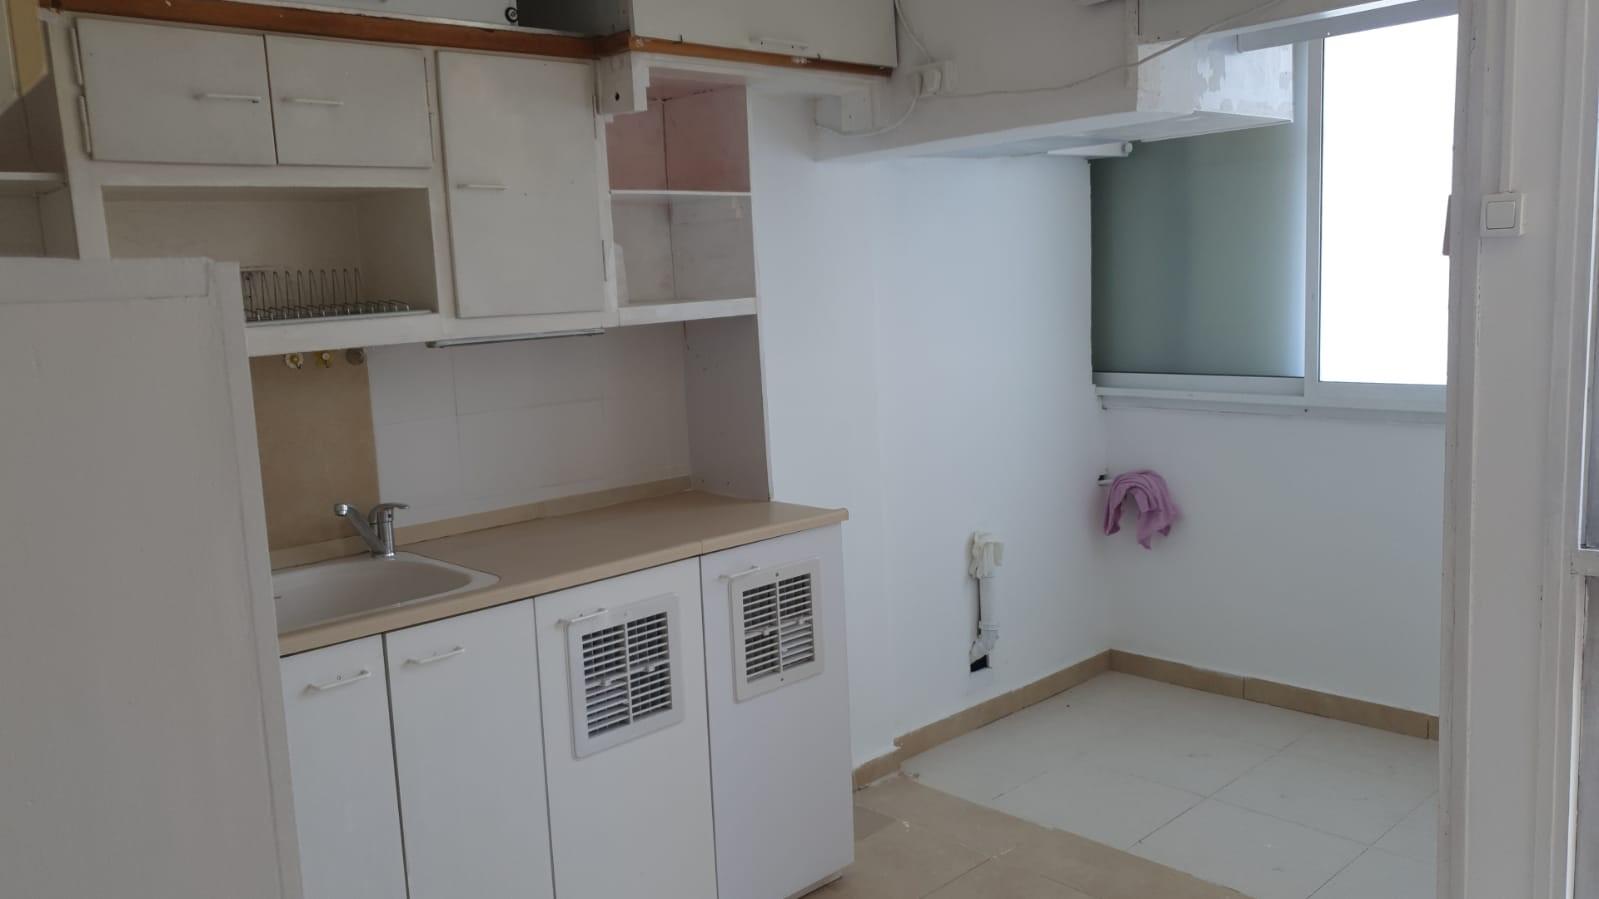 תמונה 1 ,דירה 4 חדרים מעפילי אגוז נוה חן תל אביב יפו